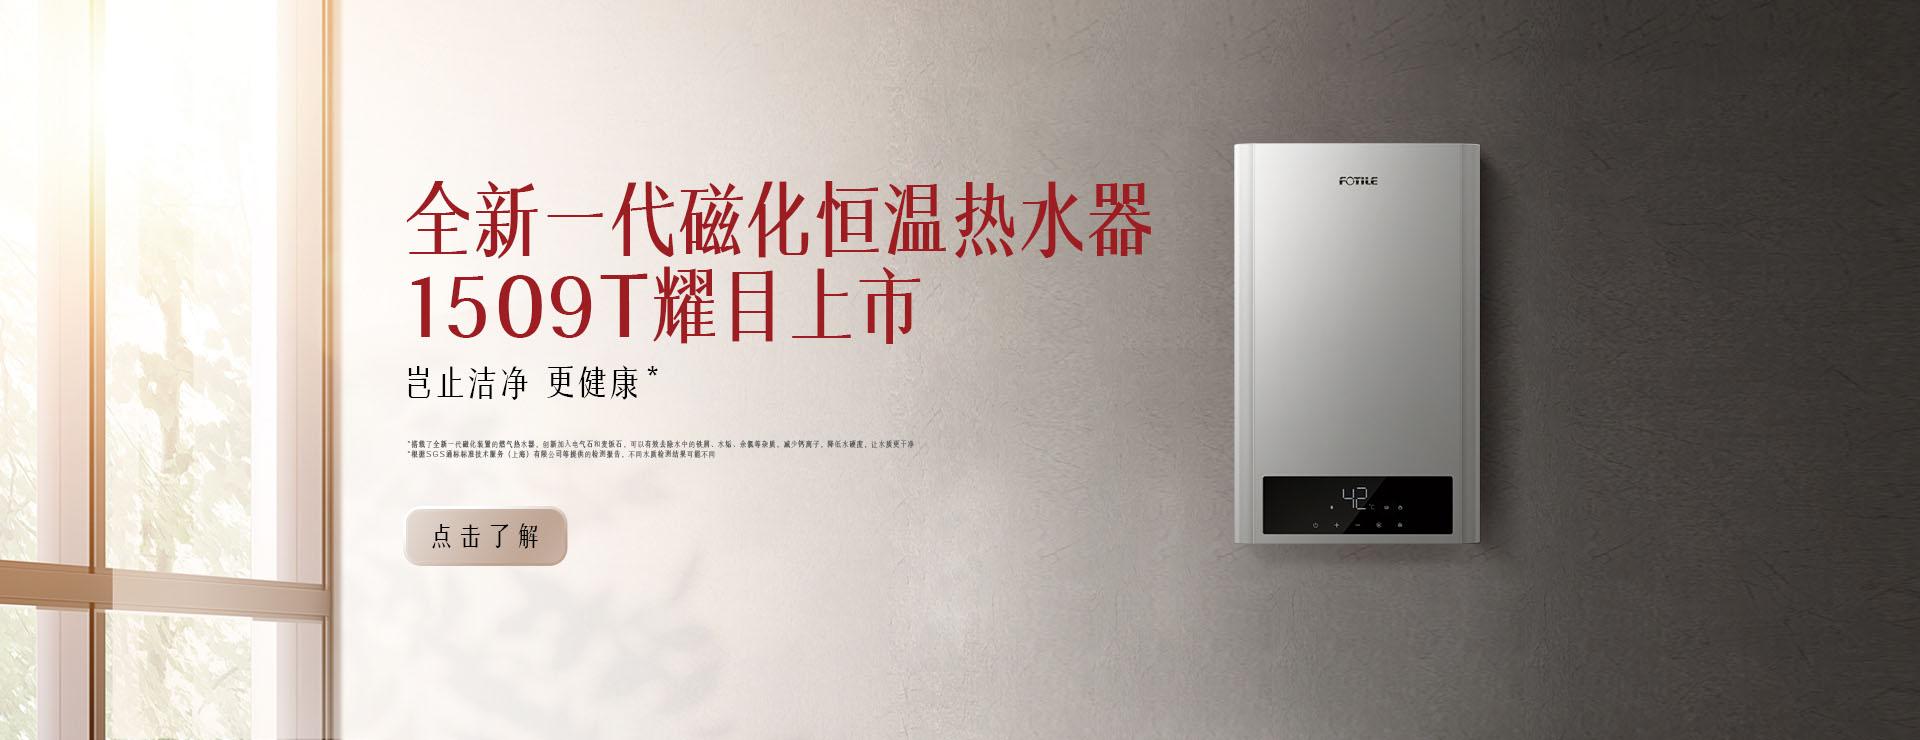 全新一代磁化恒温热水器1509T耀目上市